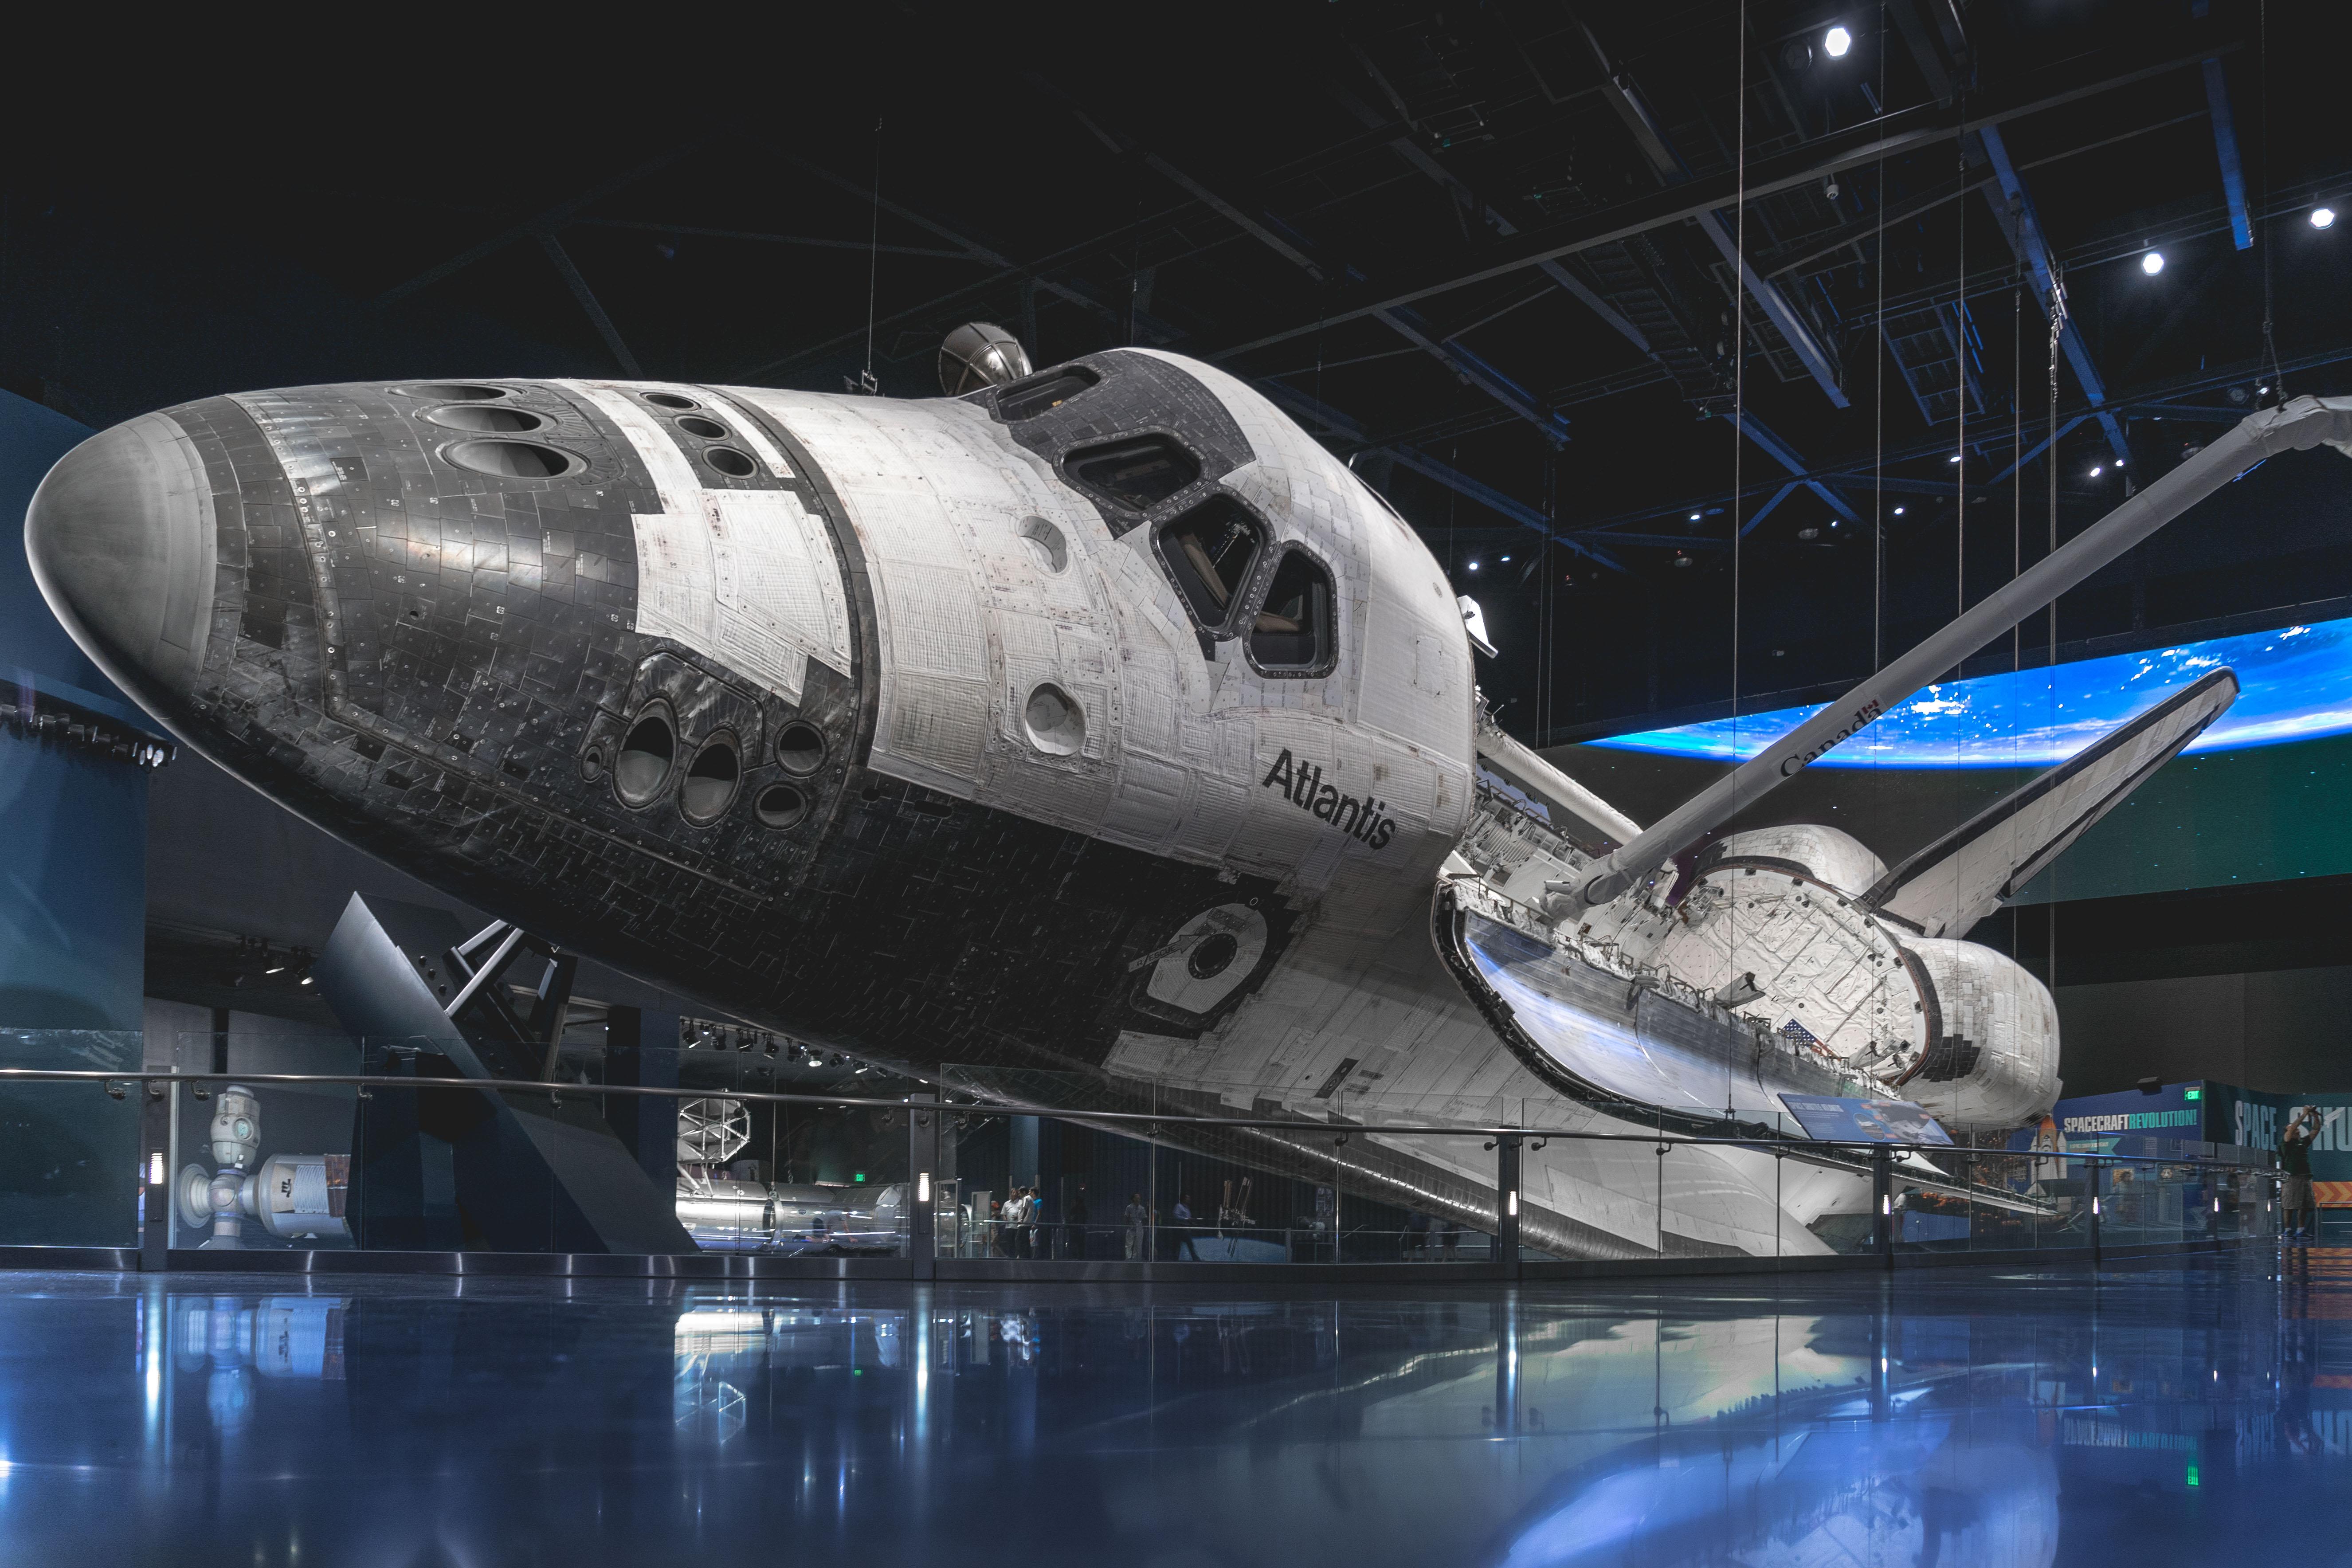 Mein Schiff Sehenswürdigkeit: Das Space Shuttle Atlantis im Kennedy Space Center